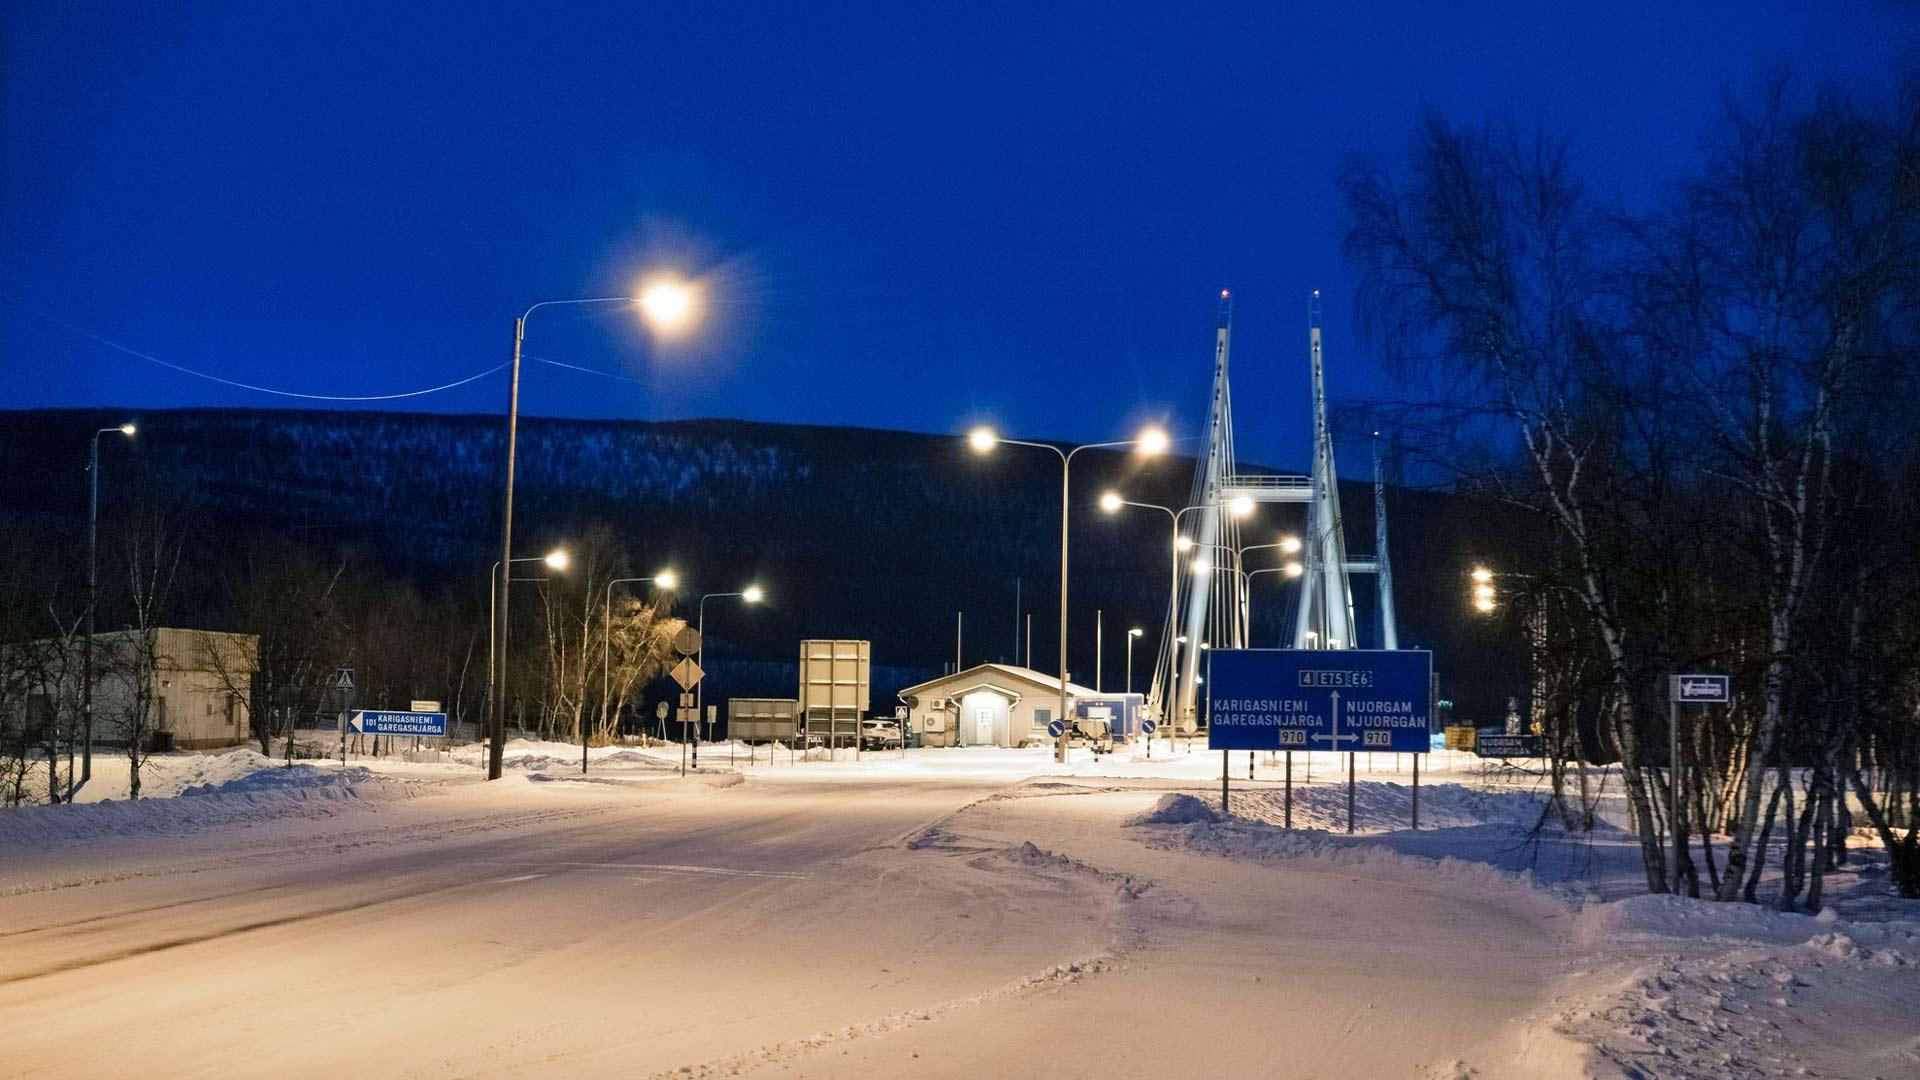 Kaamoksen toiseksi viimeinen päivä Utsjoen kirkonkylällä oli pilvinen. Nelostien päässä oleva silta vie Norjaan, mutta sinne menijältä vaaditaan tuore, negatiivinen koronatesti. Myös Suomi on sittemmin tiukentanut matkustusrajoituksia.